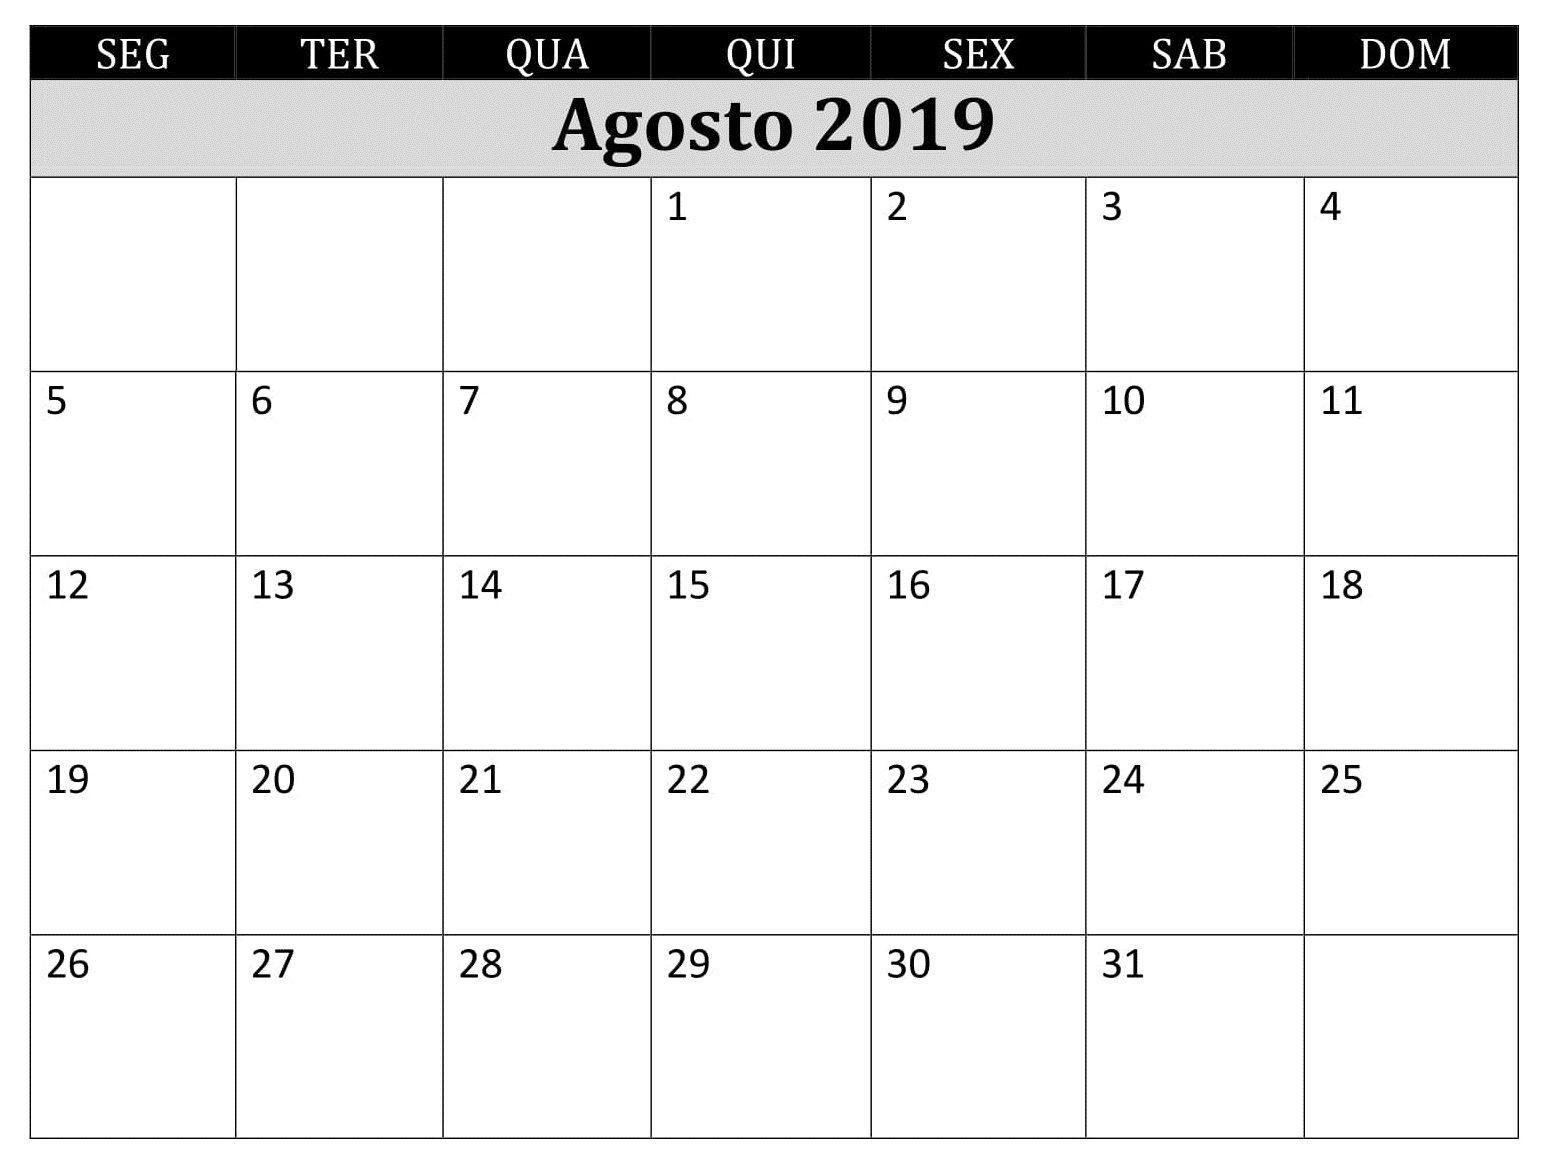 Calendario 2019 Agosto A Diciembre.Calendario 2019 Agosto Imprimir Pdf Agosto Calendario 2019